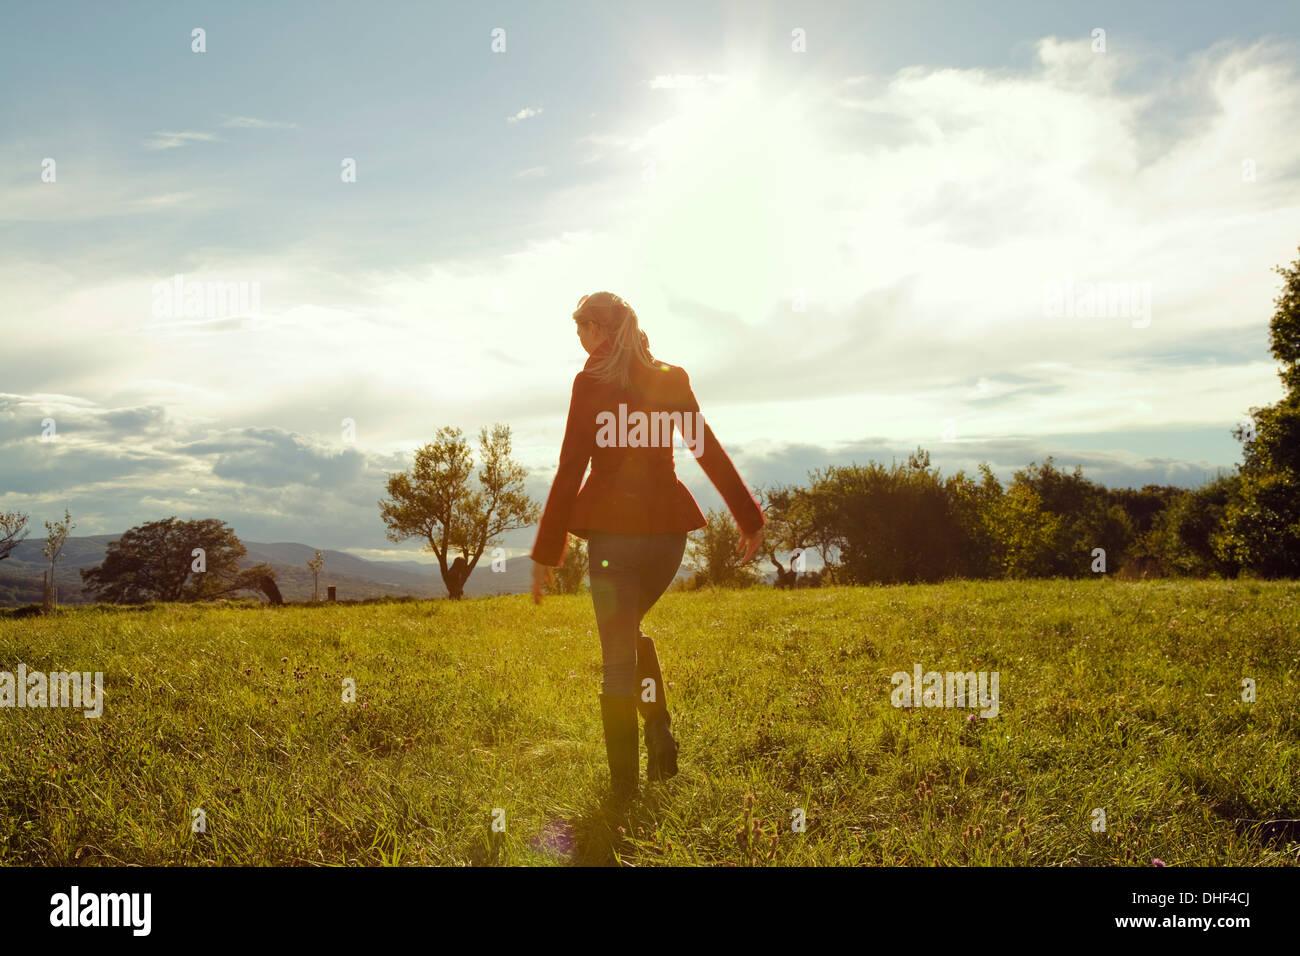 Junge Frau im Feld zu Fuß entfernt Stockbild